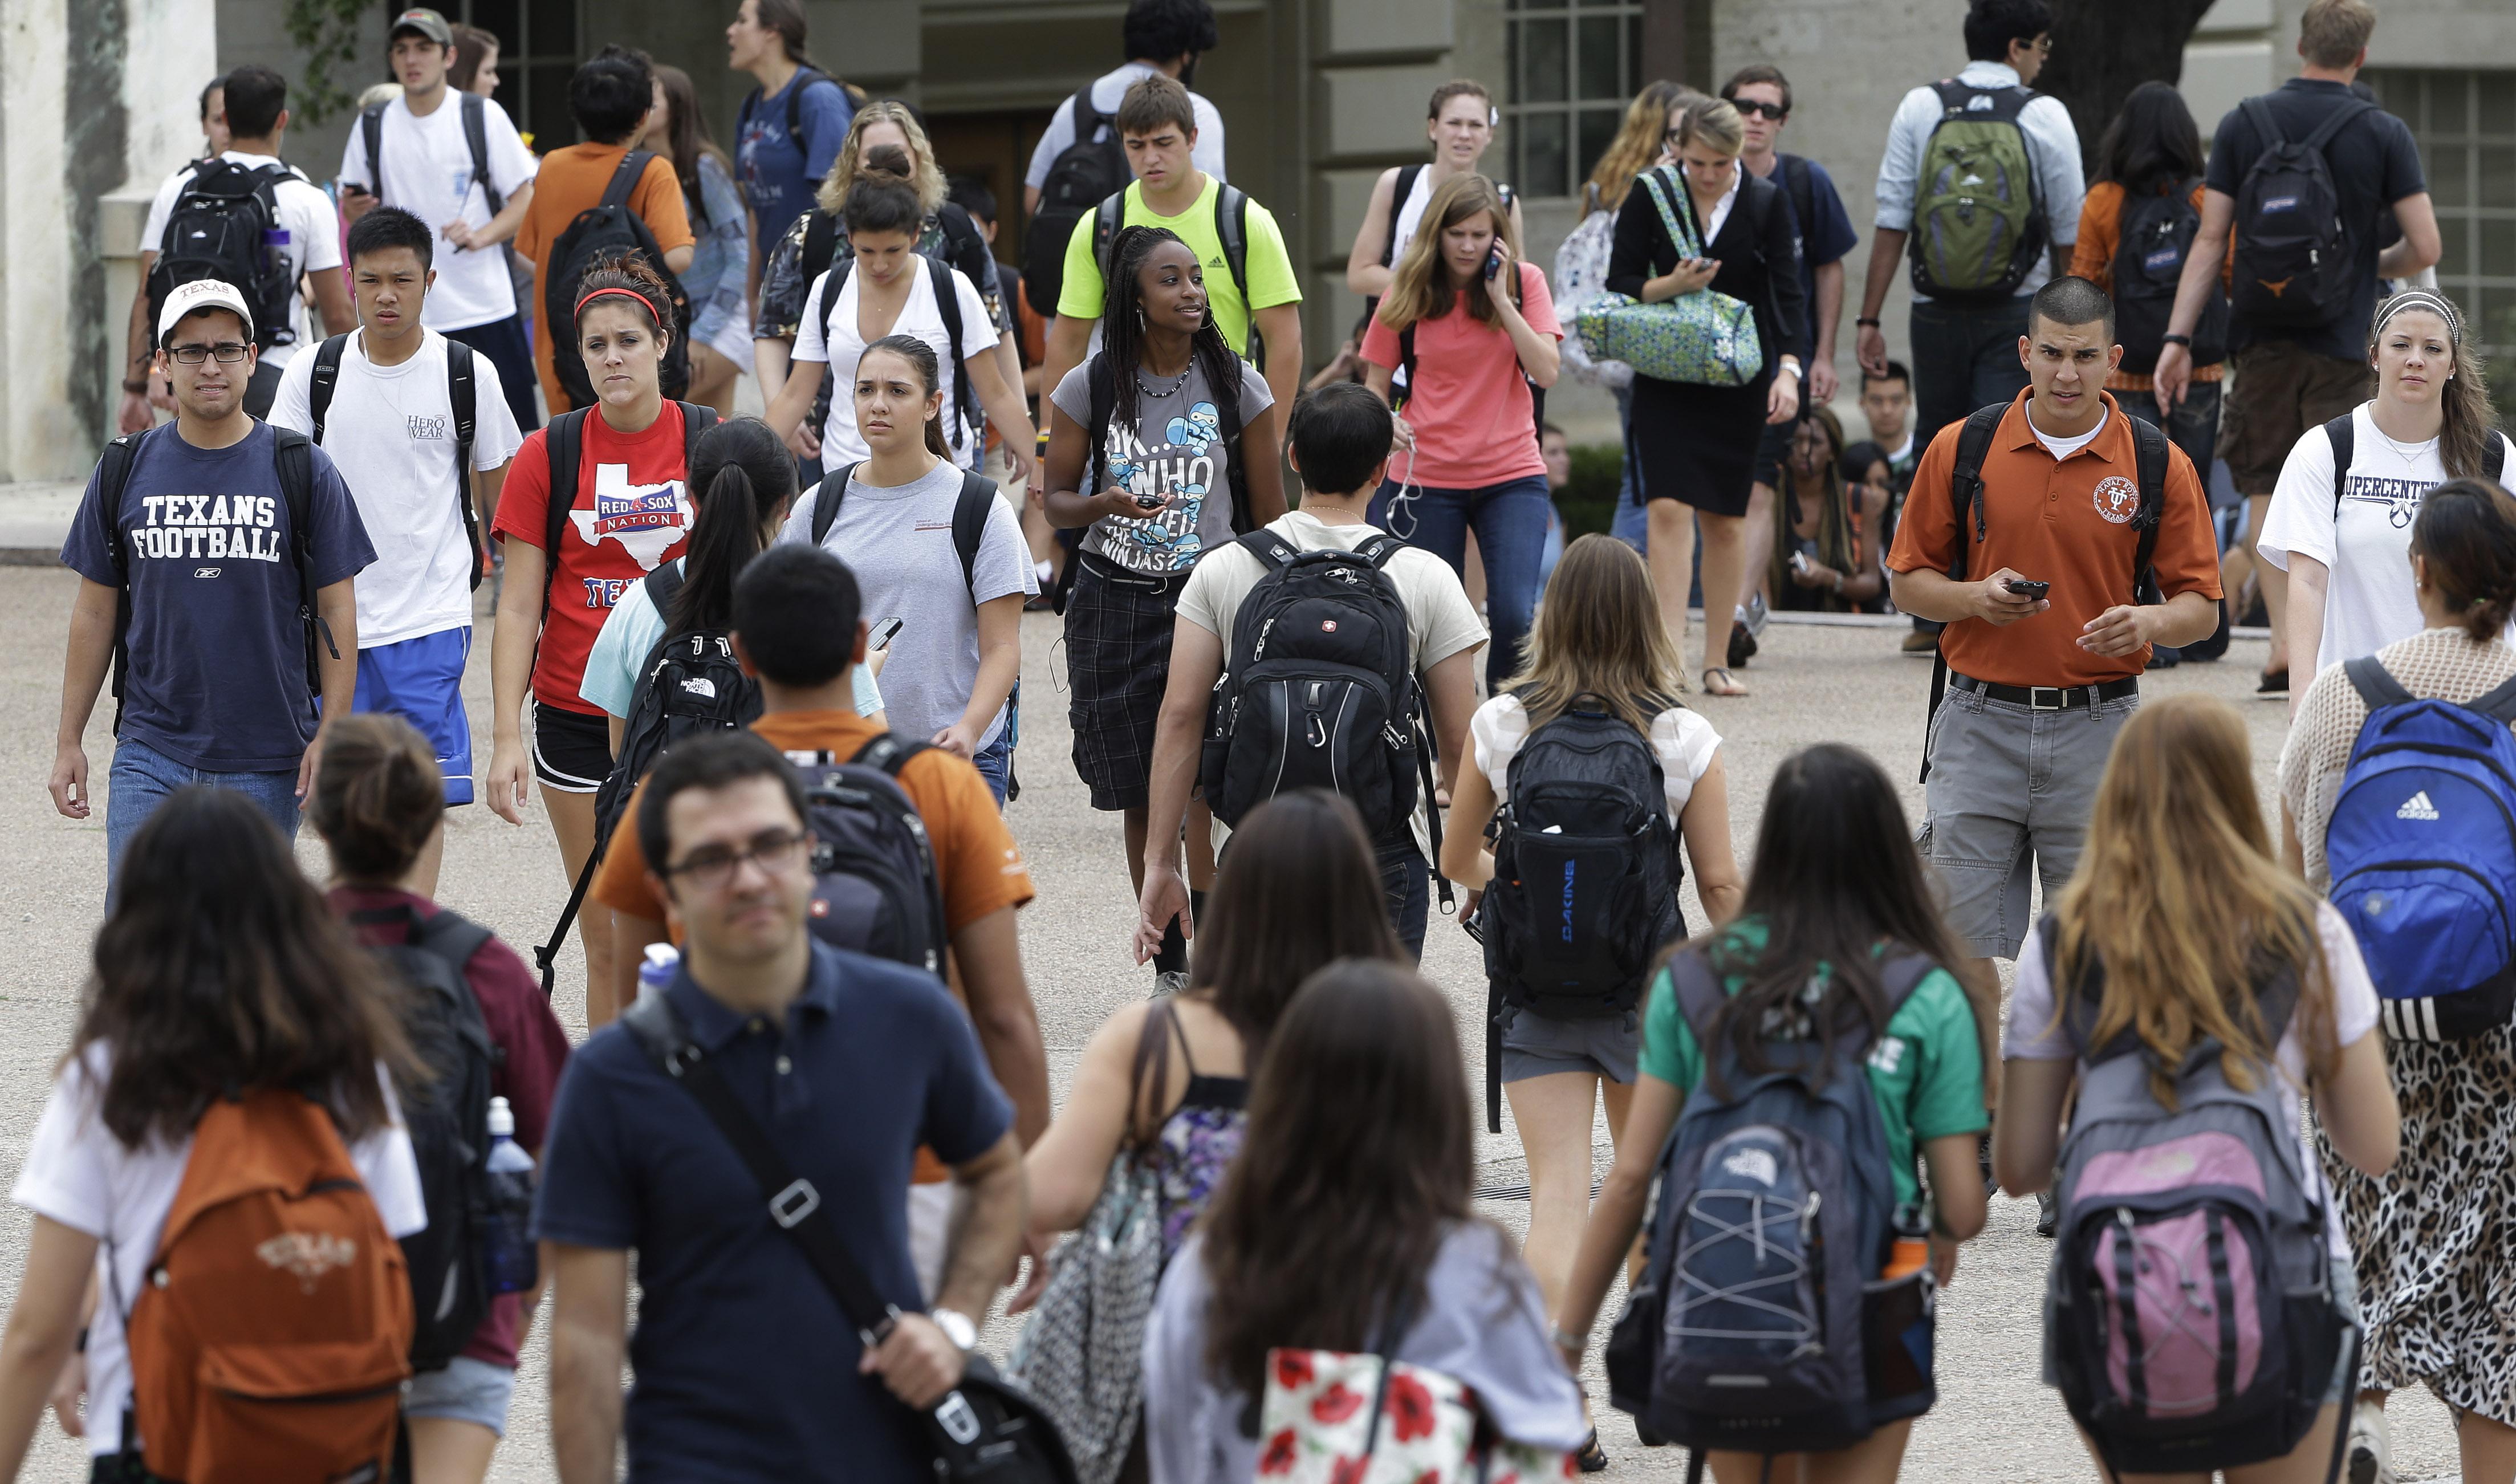 Estudantes no campus (© AP Images)